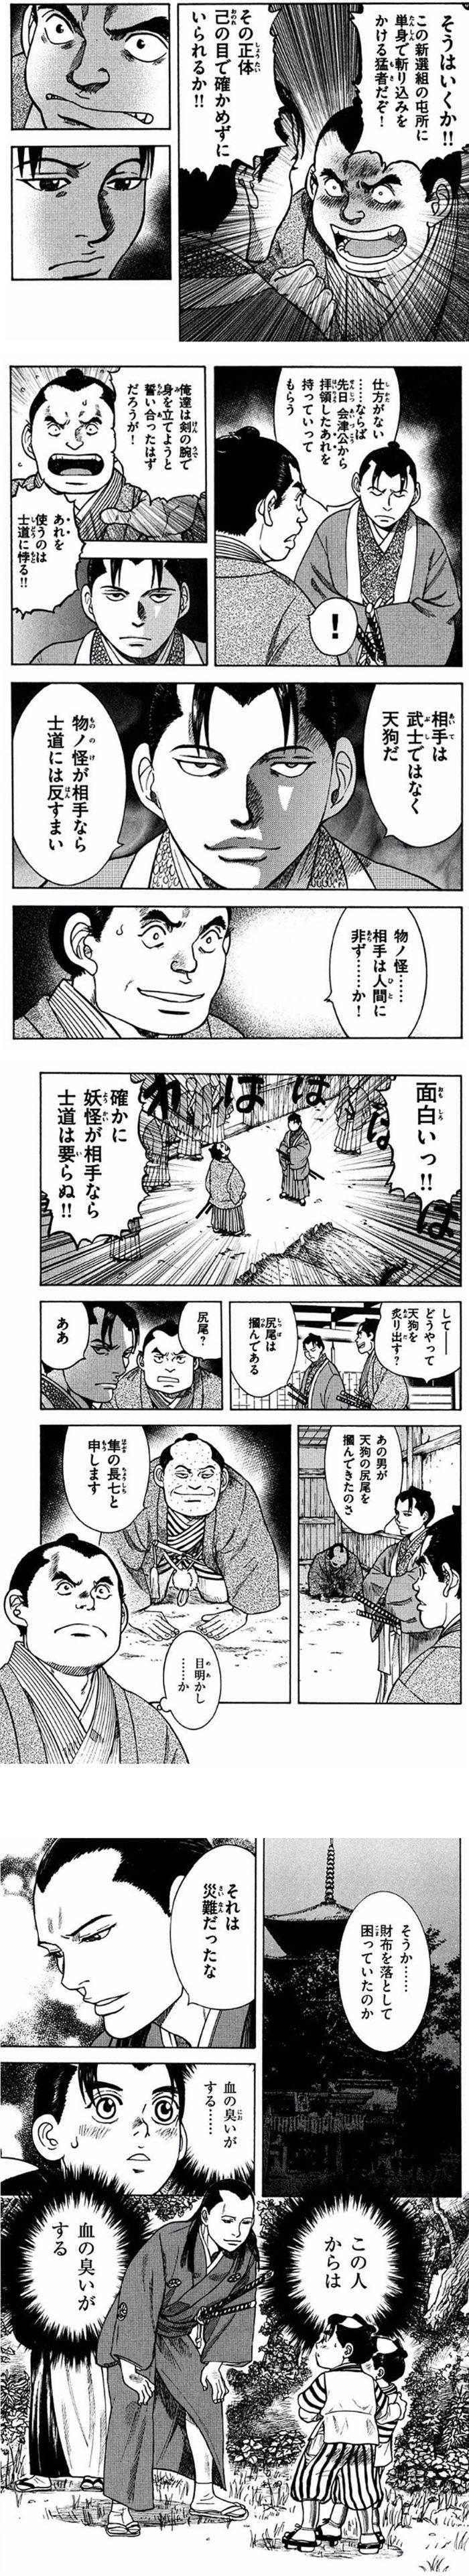 kurama-02-02